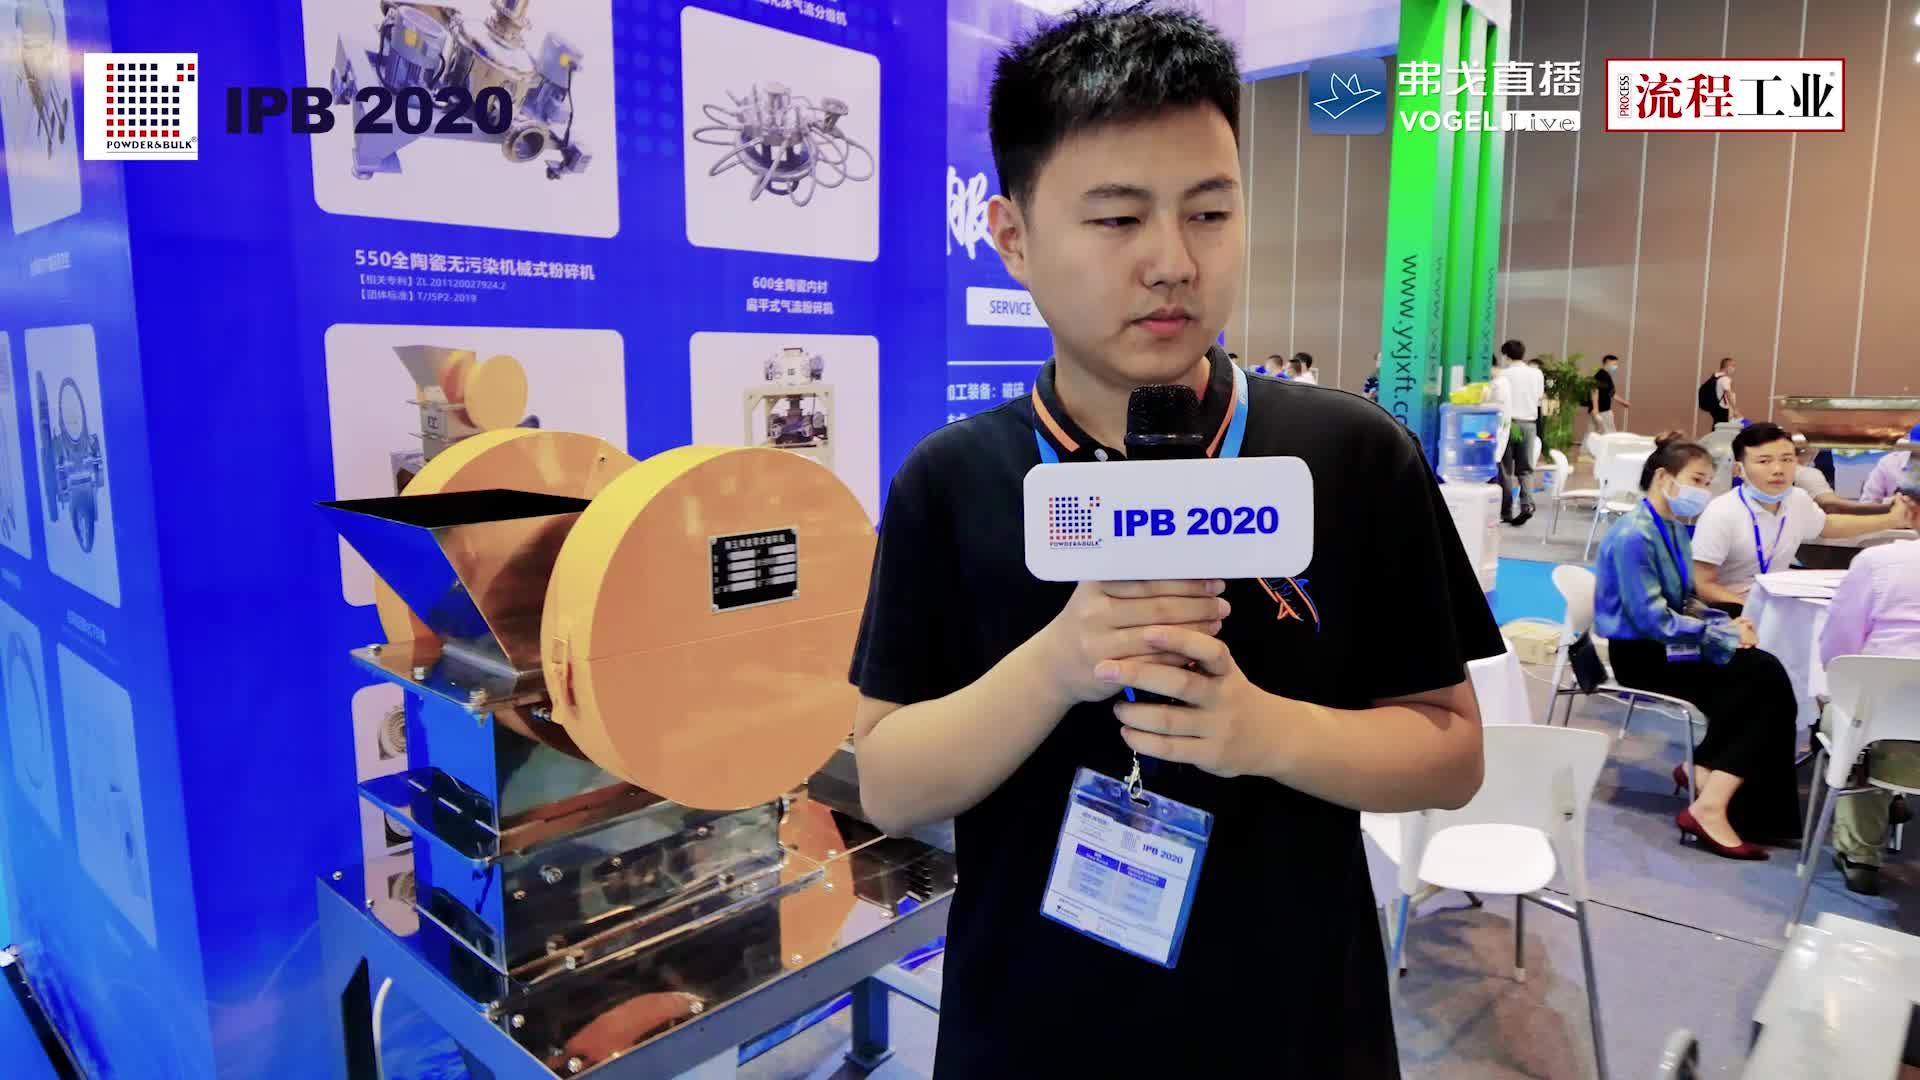 IPB采访—宜兴精新粉体设备科技有限公司2